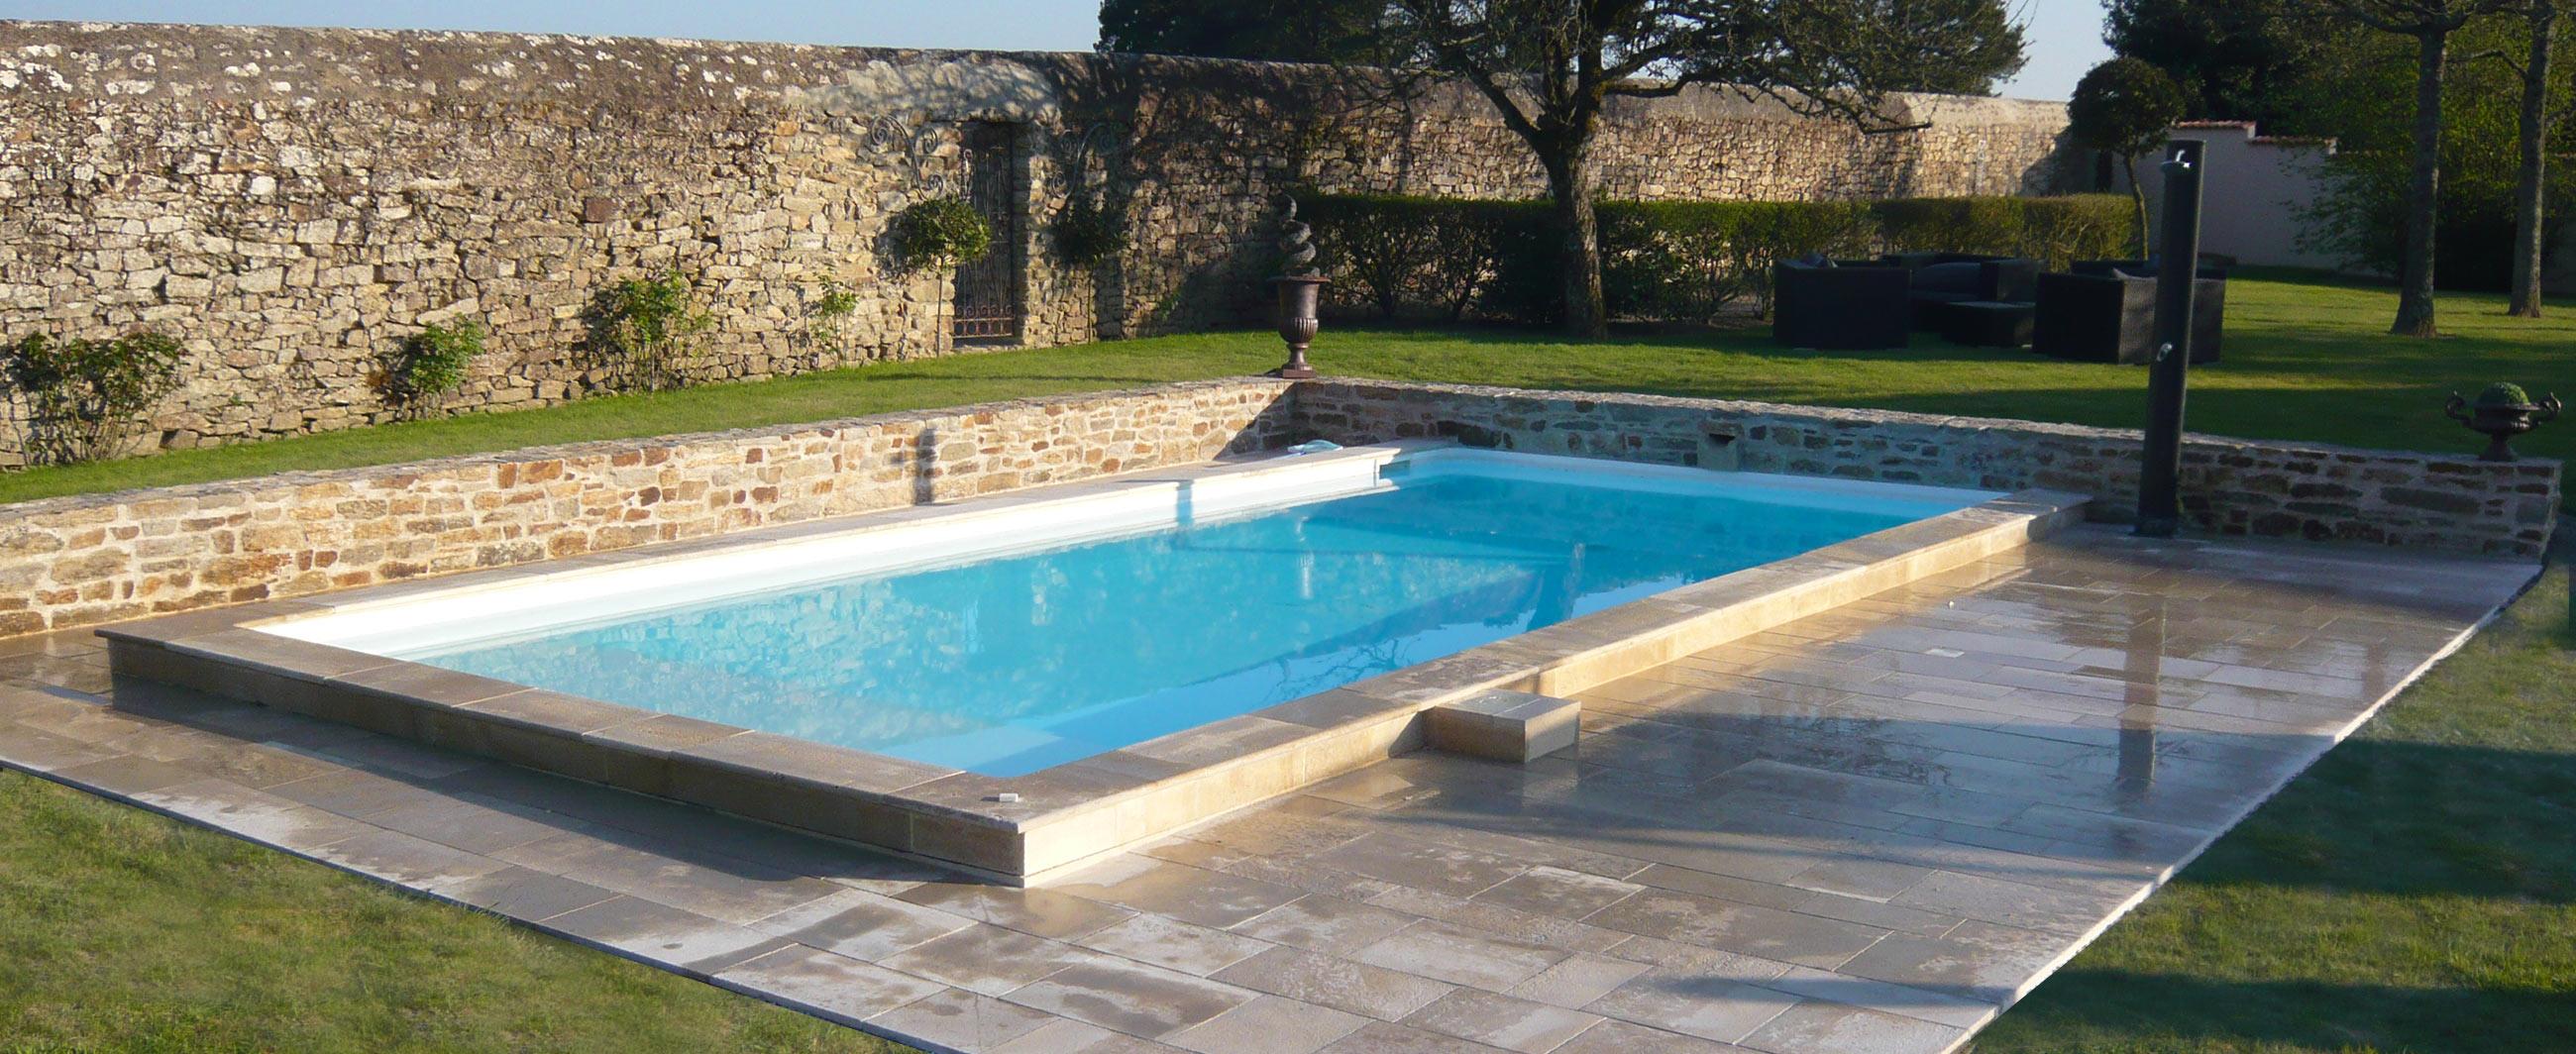 Margelles piscine pierres naturelles Brethome Vendee - BRETHOME SARL Lucs sur Boulogne Vendée